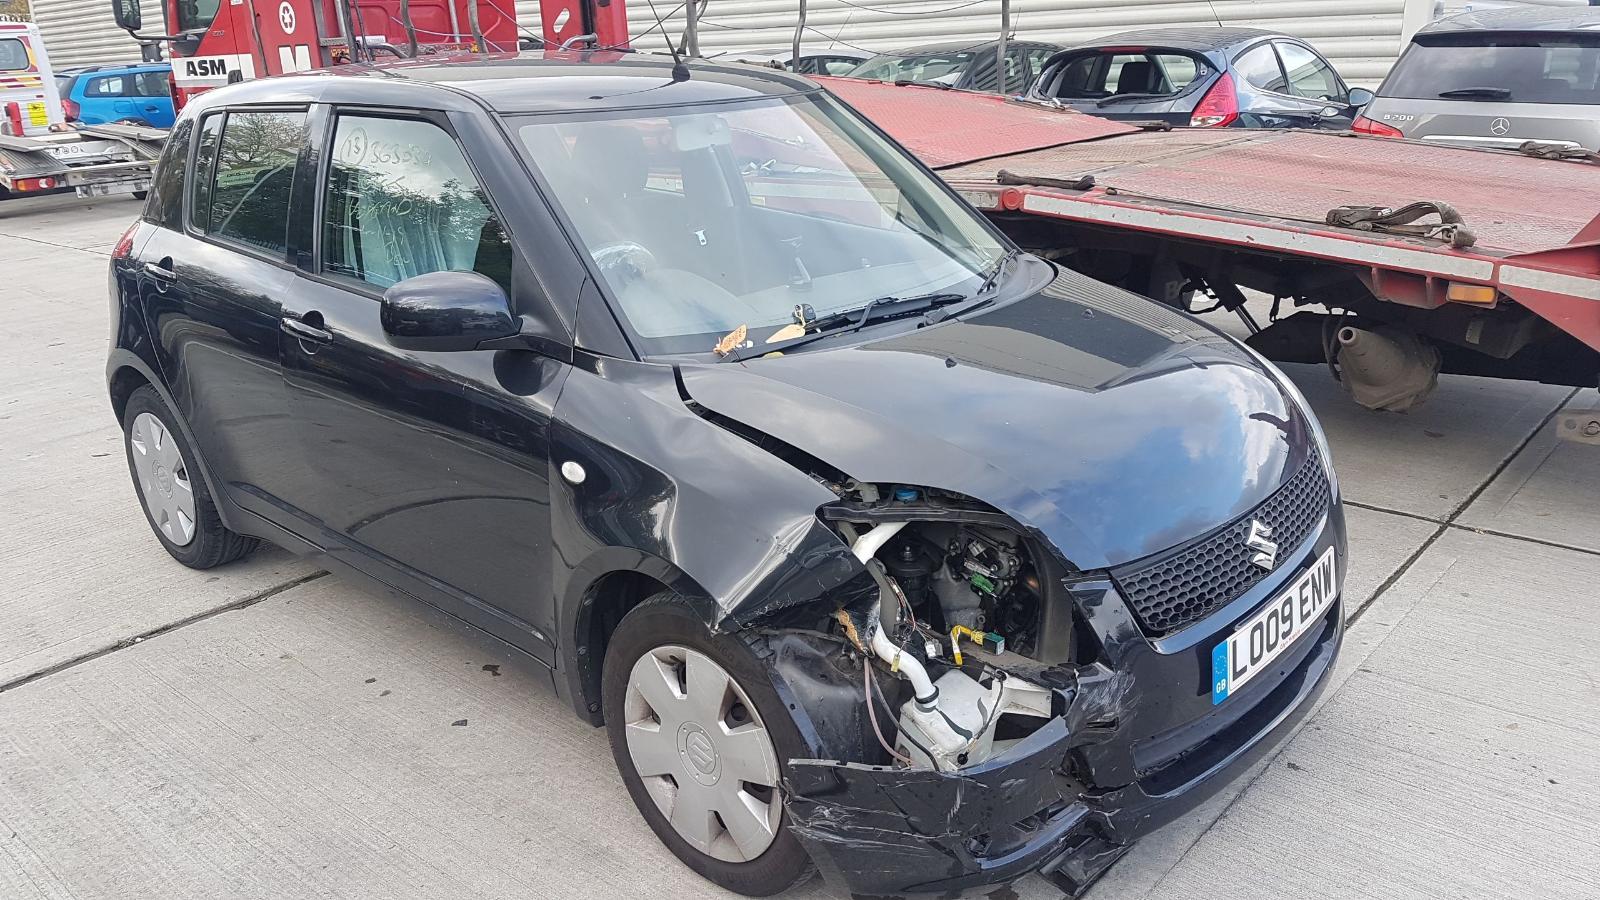 Image for a Suzuki Swift 2009 5 Door Hatchback